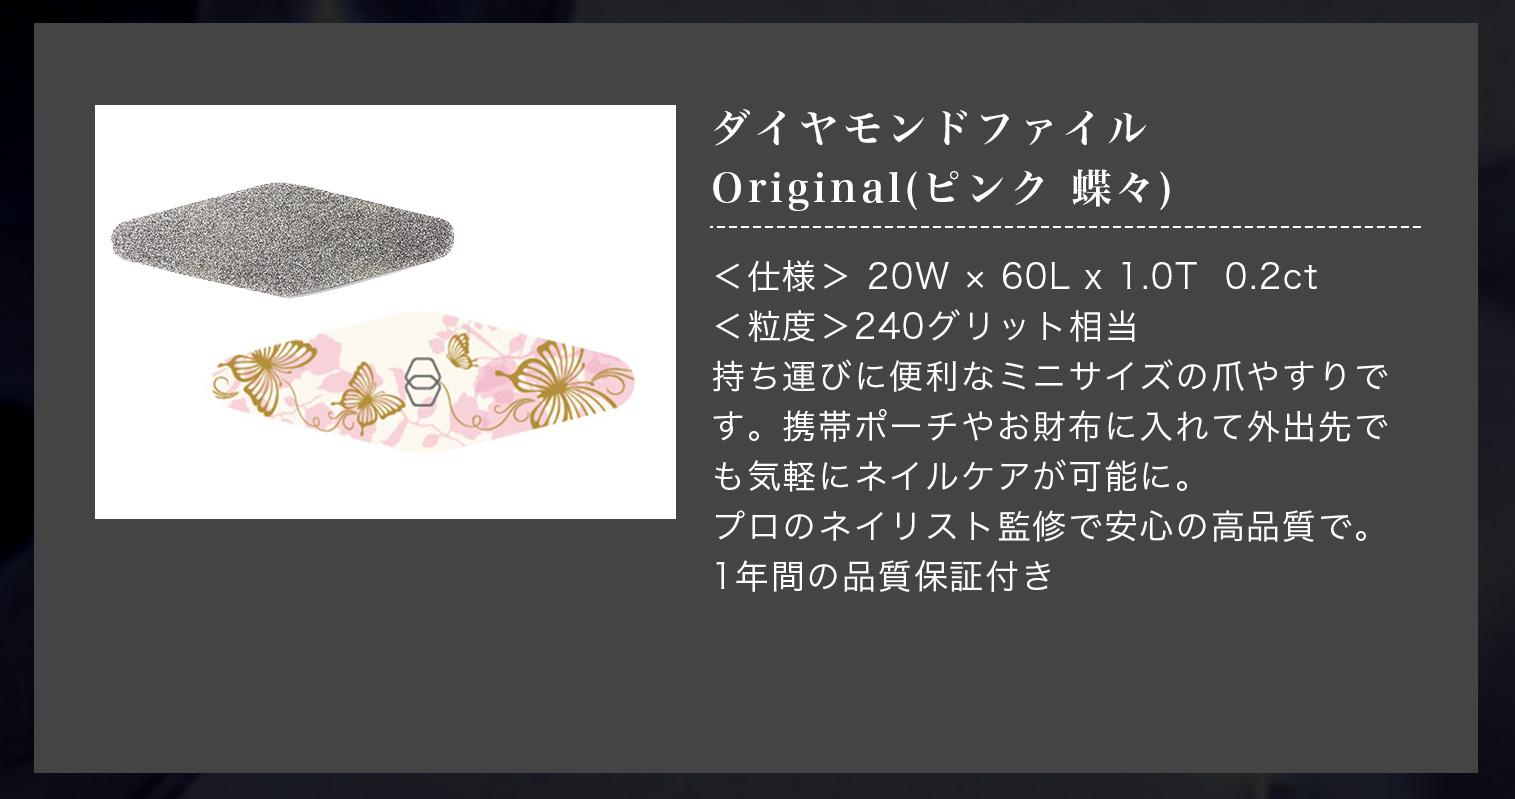 ダイヤモンドファイルOriginal(ピンク 蝶々)<仕様> 20W × 60L x 1.0T  0.2ct<粒度>240グリット相当持ち運びに便利なミニサイズの爪やすりです。携帯ポーチやお財布に入れて外出先でも気軽にネイルケアが可能に。プロのネイリスト監修で安心の高品質で。1年間の品質保証付き